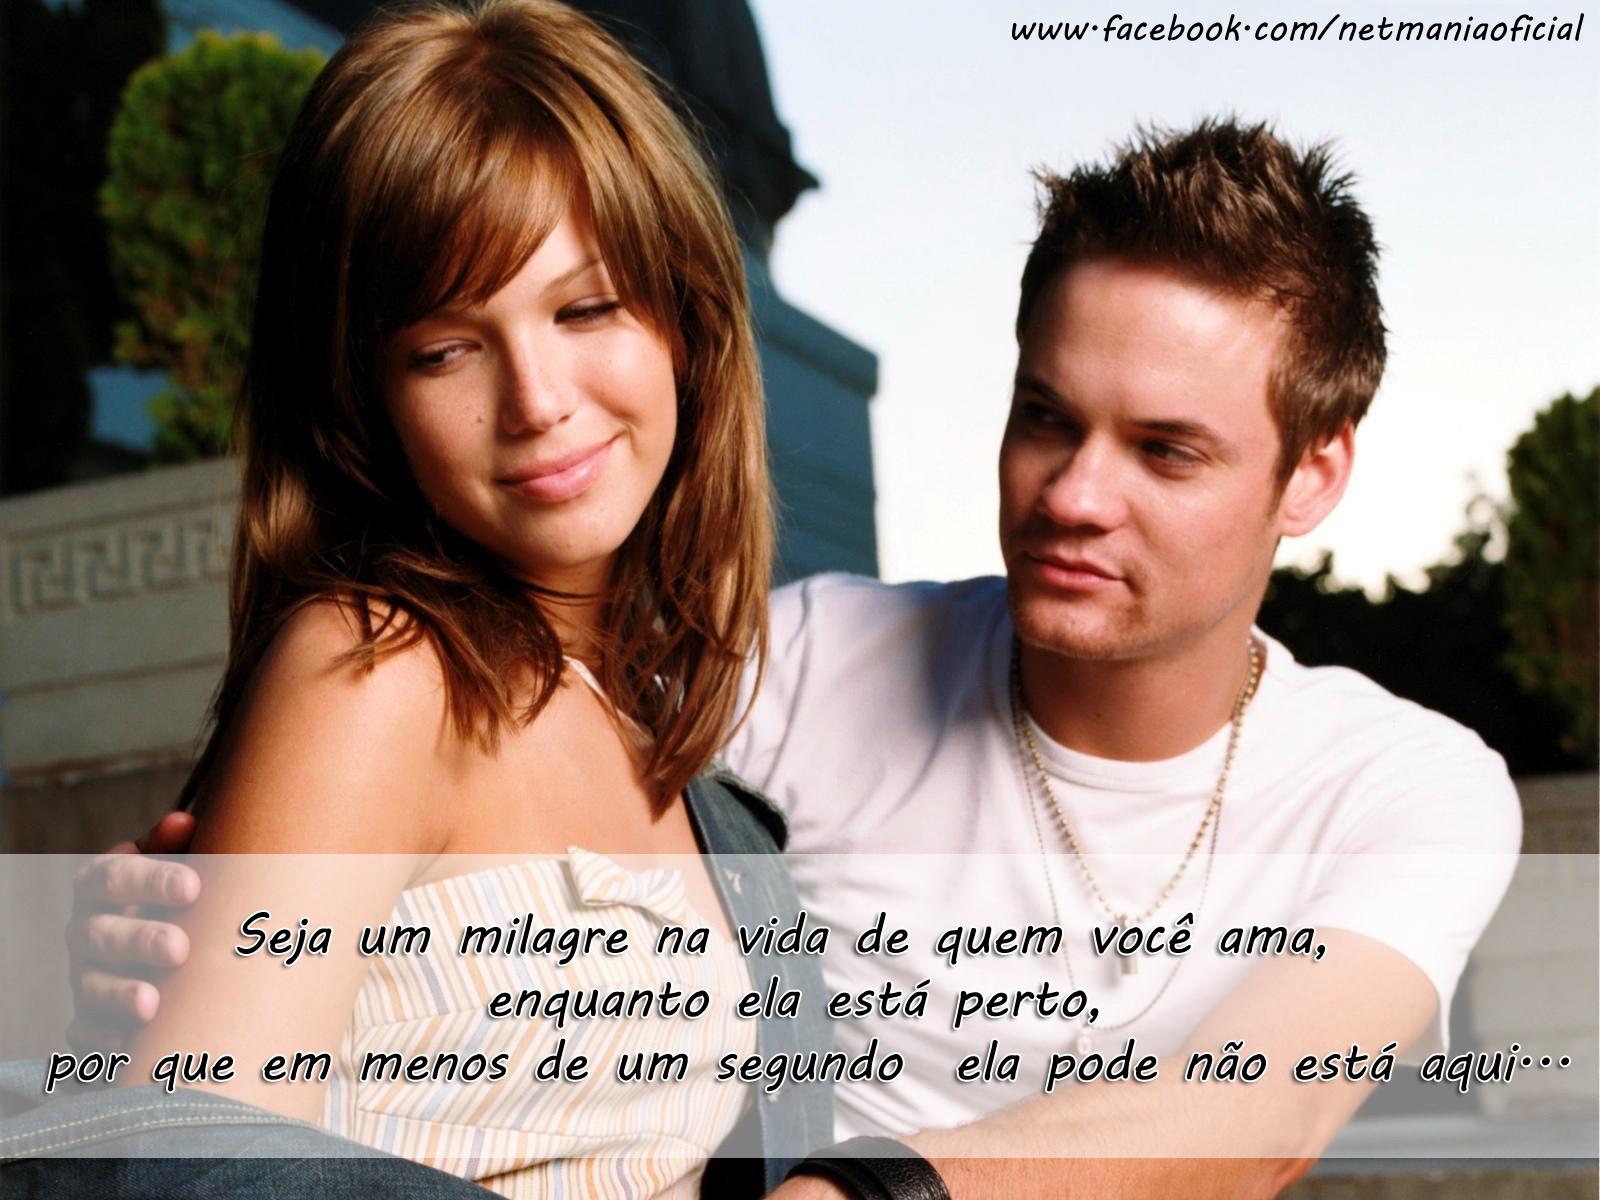 http://4.bp.blogspot.com/-cPvsN7x4M7E/UFOTNGKBUcI/AAAAAAAAAxI/Ans4Djv1RGM/s1600/112642_Papel-de-Parede-Um-Amor-para-Recordar-A-Walk-to-Remember--112642_1600x1200.jpg